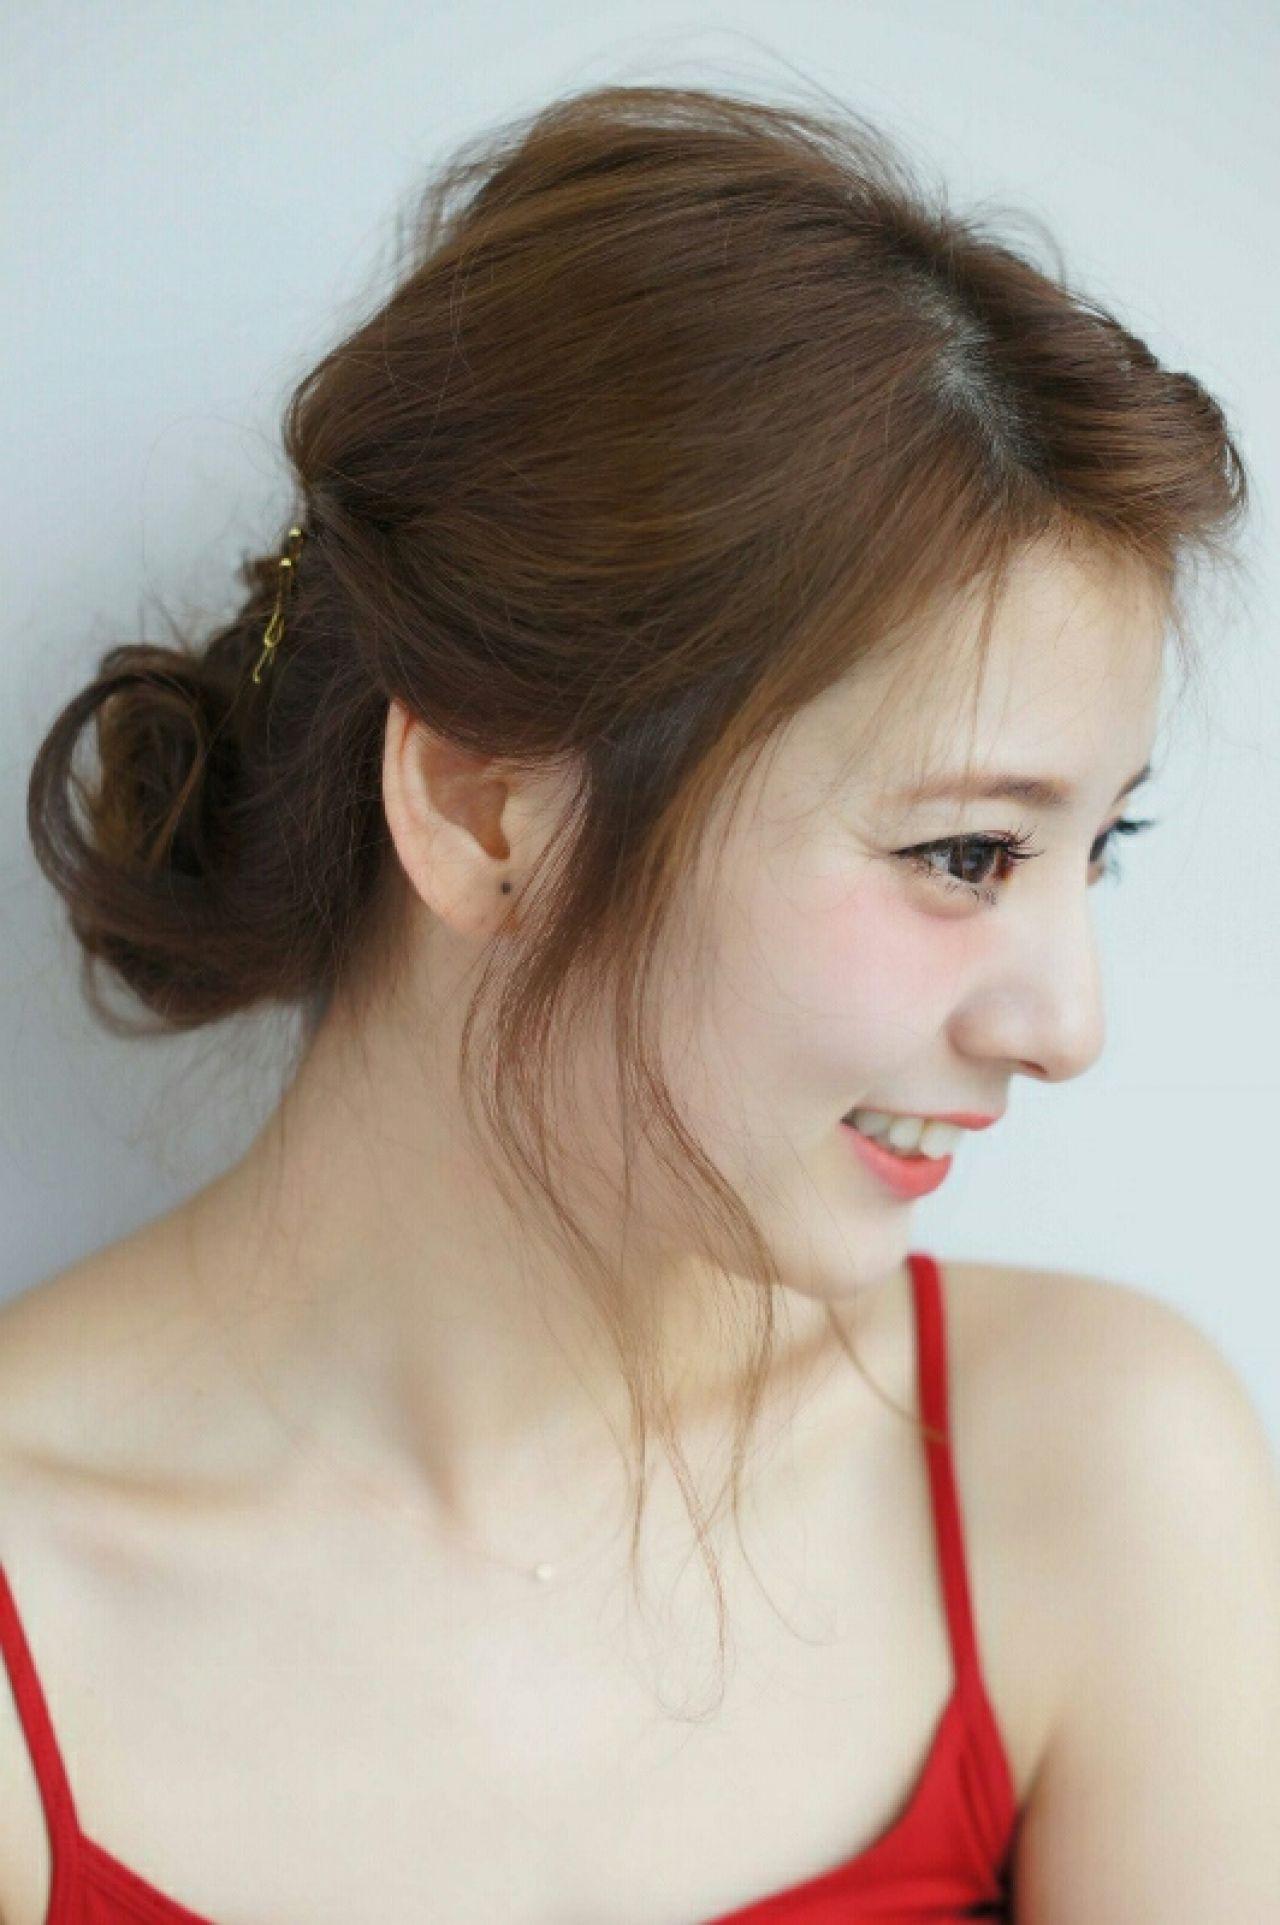 マンネリ解消!セミロングさん向けヘアアレンジ特集♡ Ciel Hairdesign 代表 今田 亮